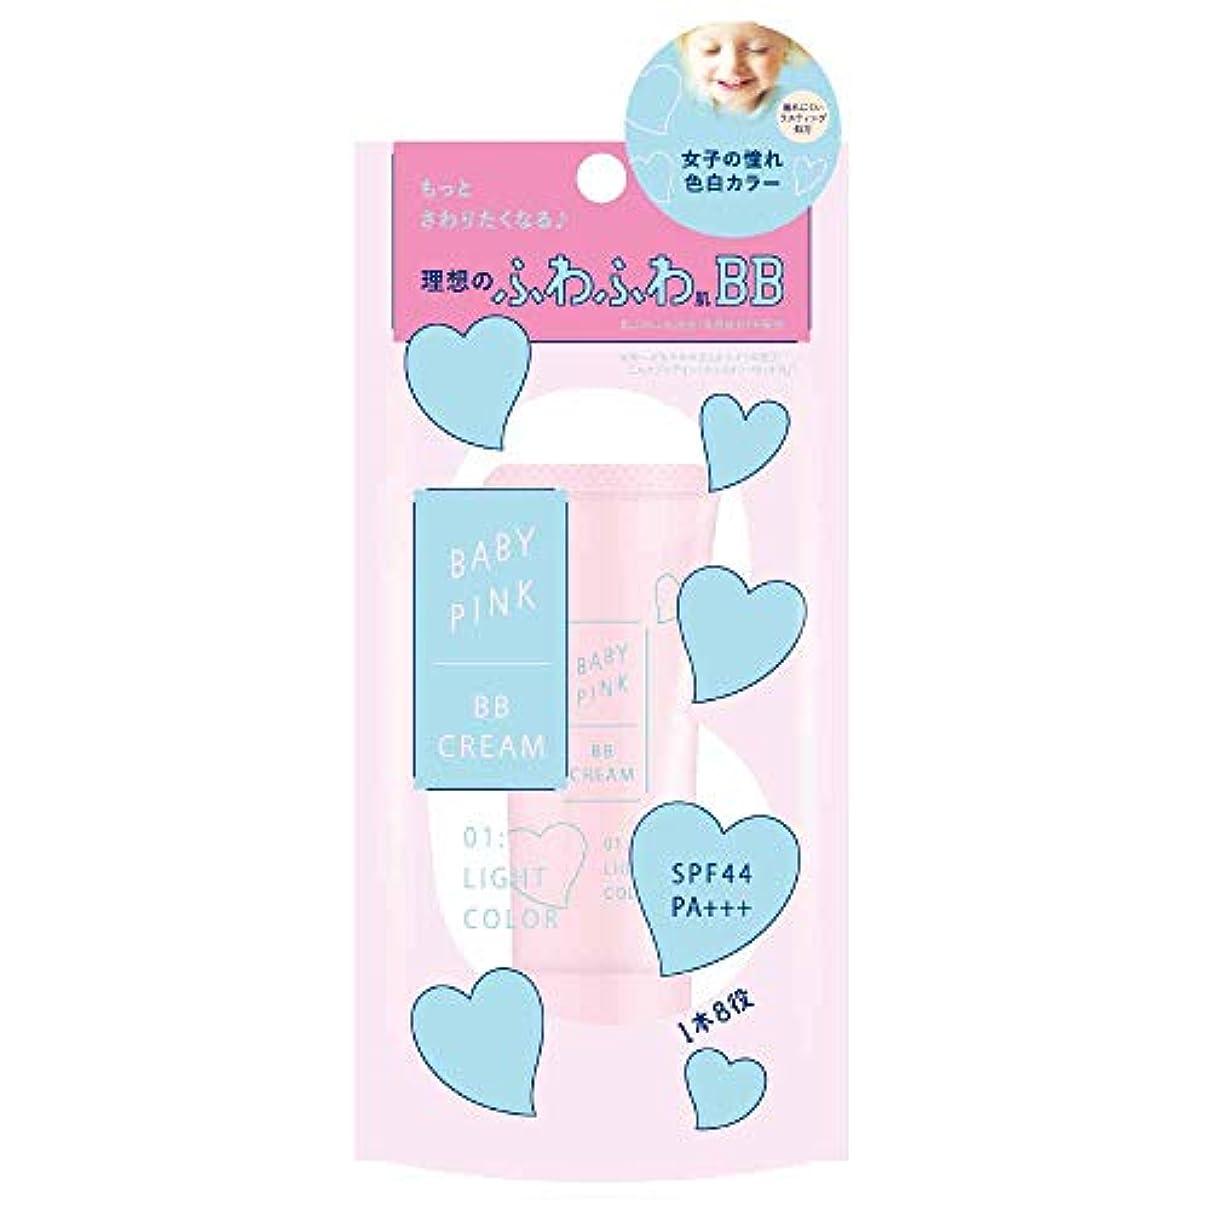 浴品バリーベビーピンク BBクリーム 01:ライトカラー 22g